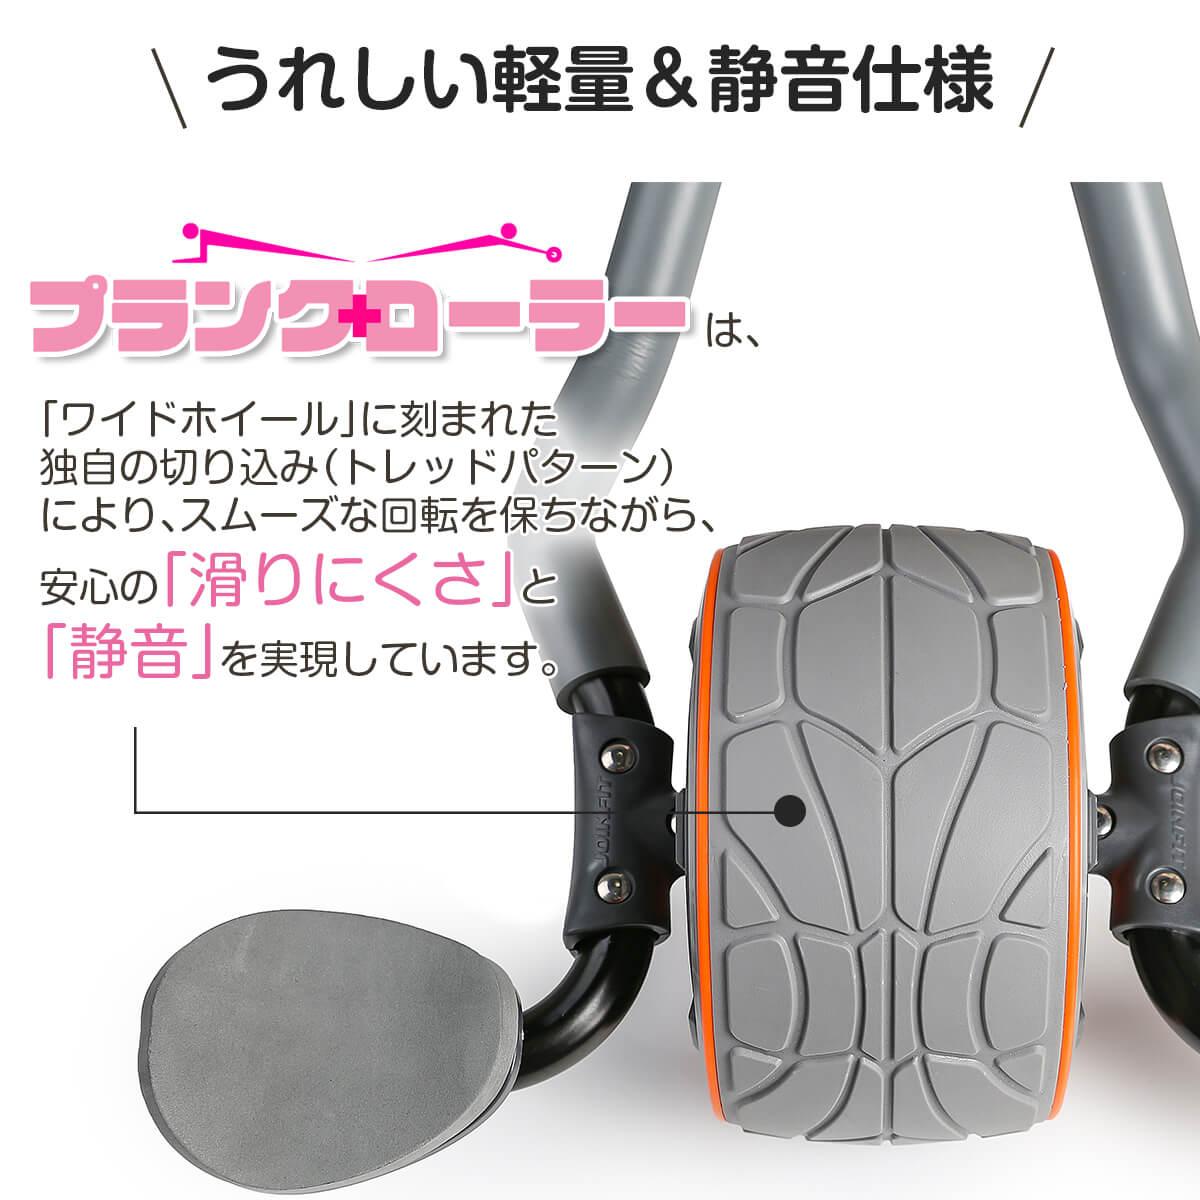 腹筋ローラー プランク コア 体幹 プランクローラー トレーニング プランクマシーン プランク マット 腹筋 腹筋運動 ハイブリッド ダブル 器具 初心者 女性